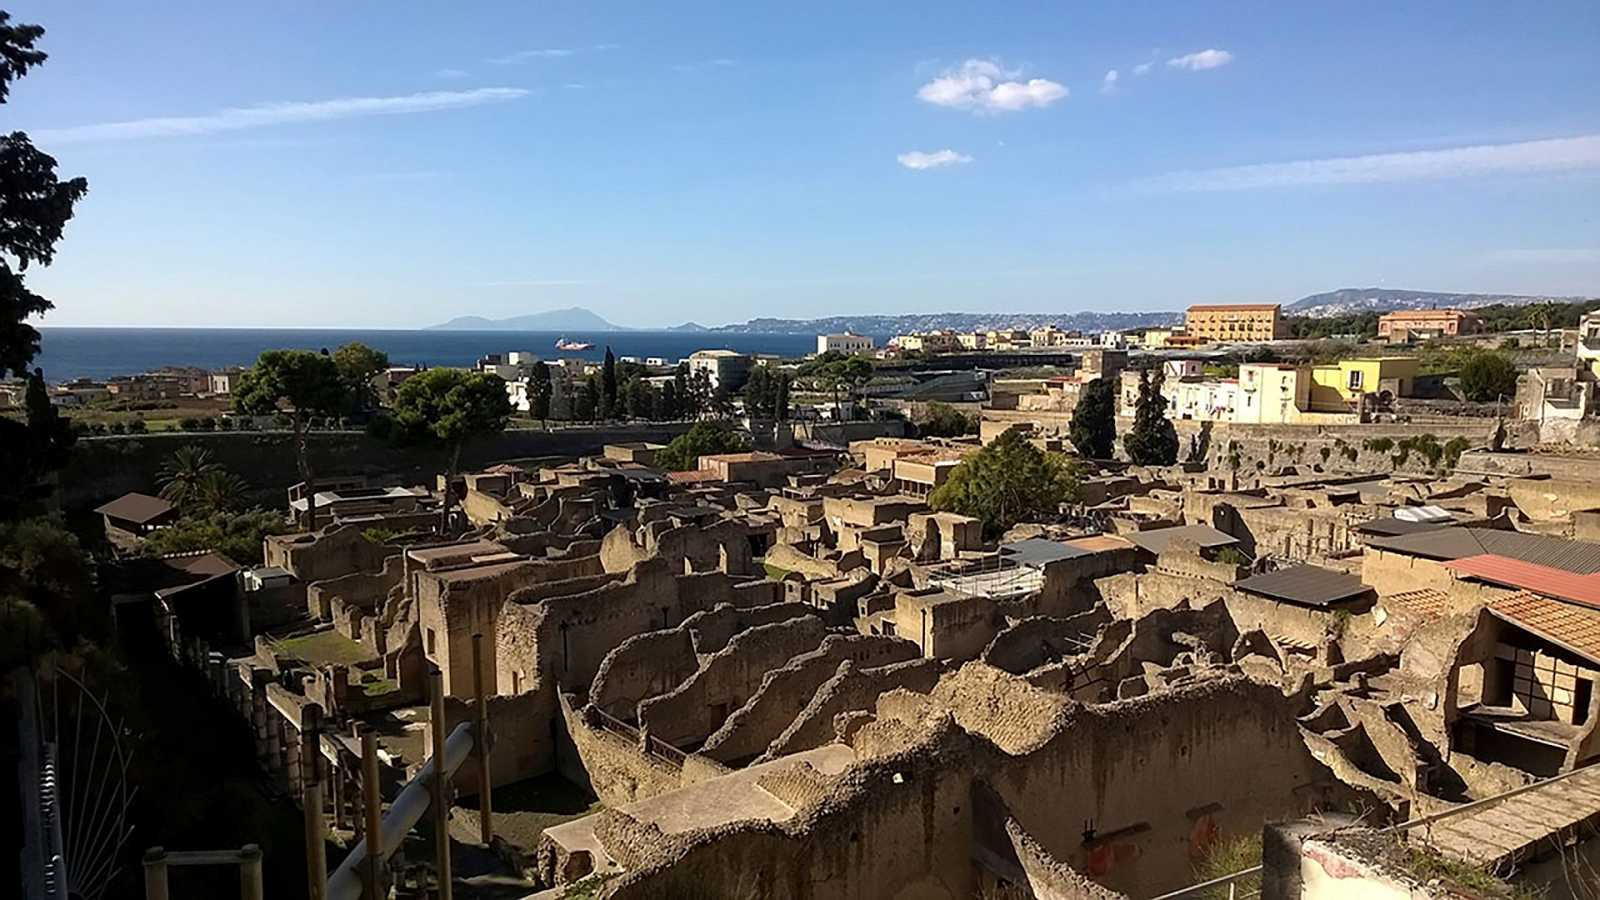 Vista general de Herculano, donde se han descubierto neuronas de una víctima de la erupción del Vesubio, hace más de 2.000 años.